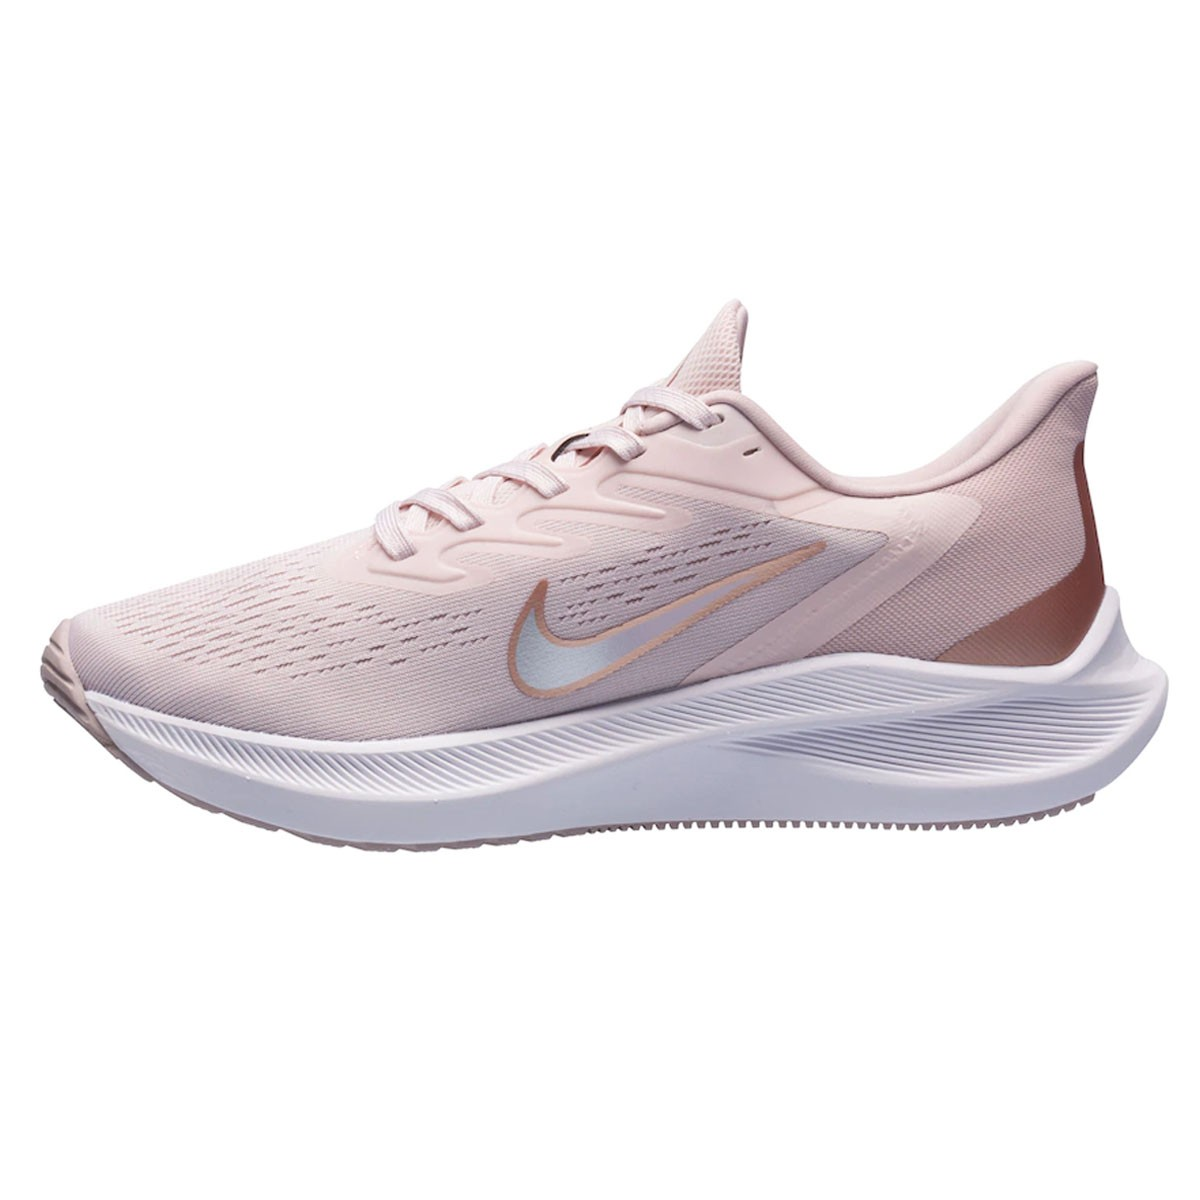 Tênis Nike Air Zoom Winflo 7 Feminino